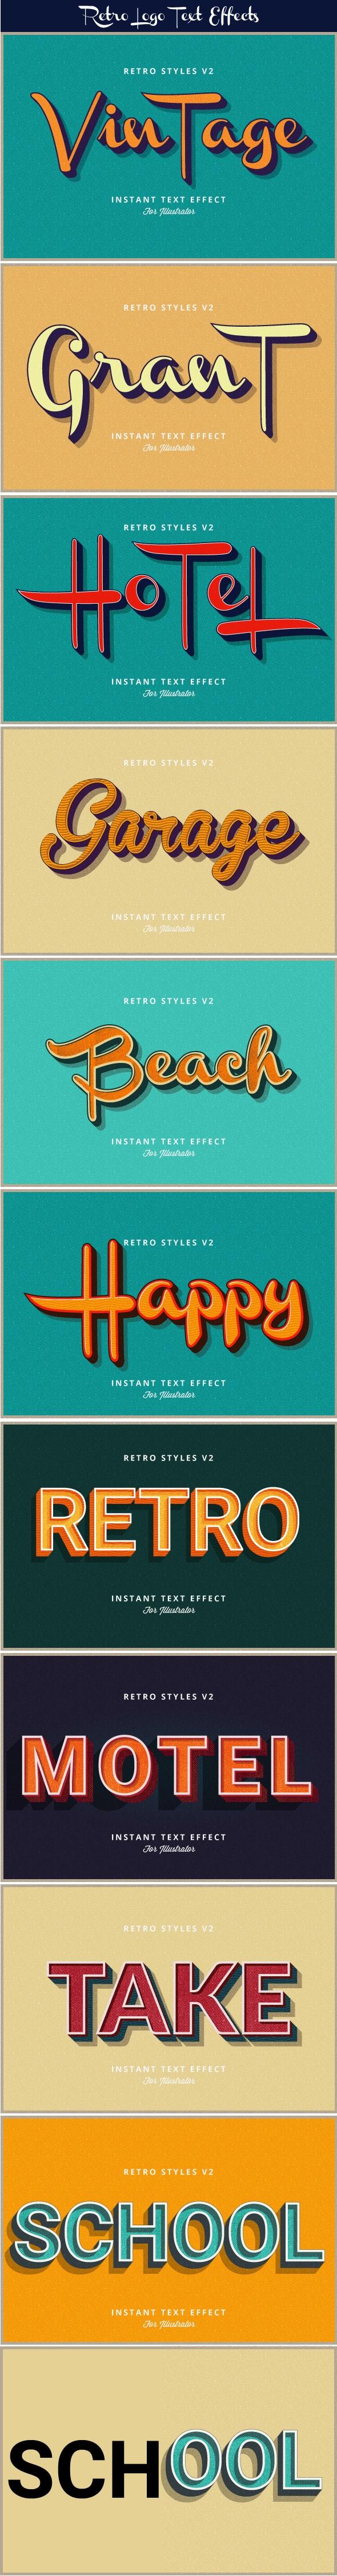 Retro Text Effects V2 - Styles Illustrator